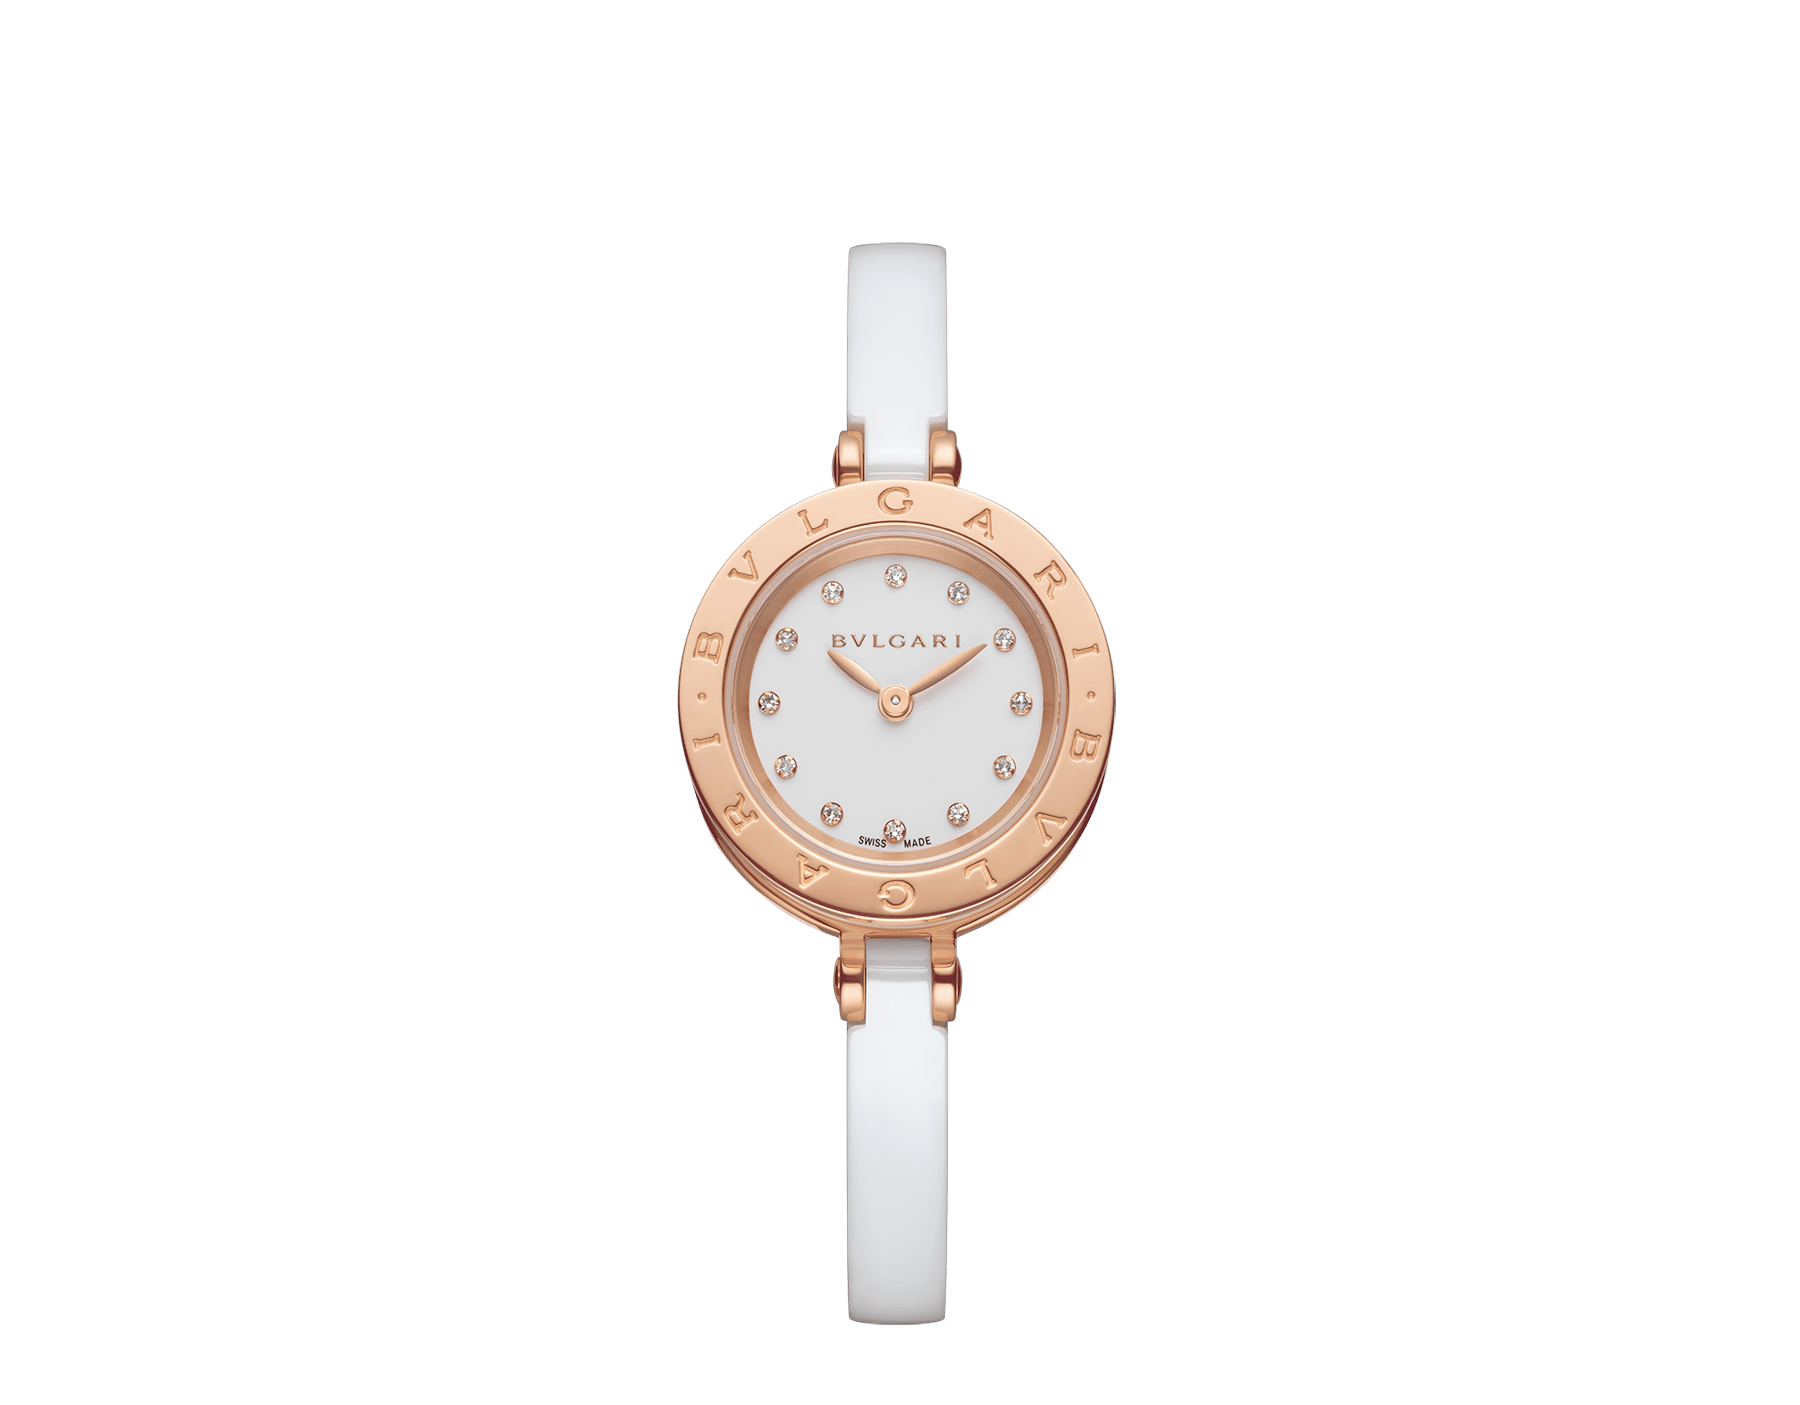 Montre B.zero1 avec boîtier en or rose 18K et acier inoxydable, bracelet jonc et spirale en céramique blanche, cadran laqué blanc et index sertis de diamants. Moyen modèle B01watch-white-white-dial3 image 8